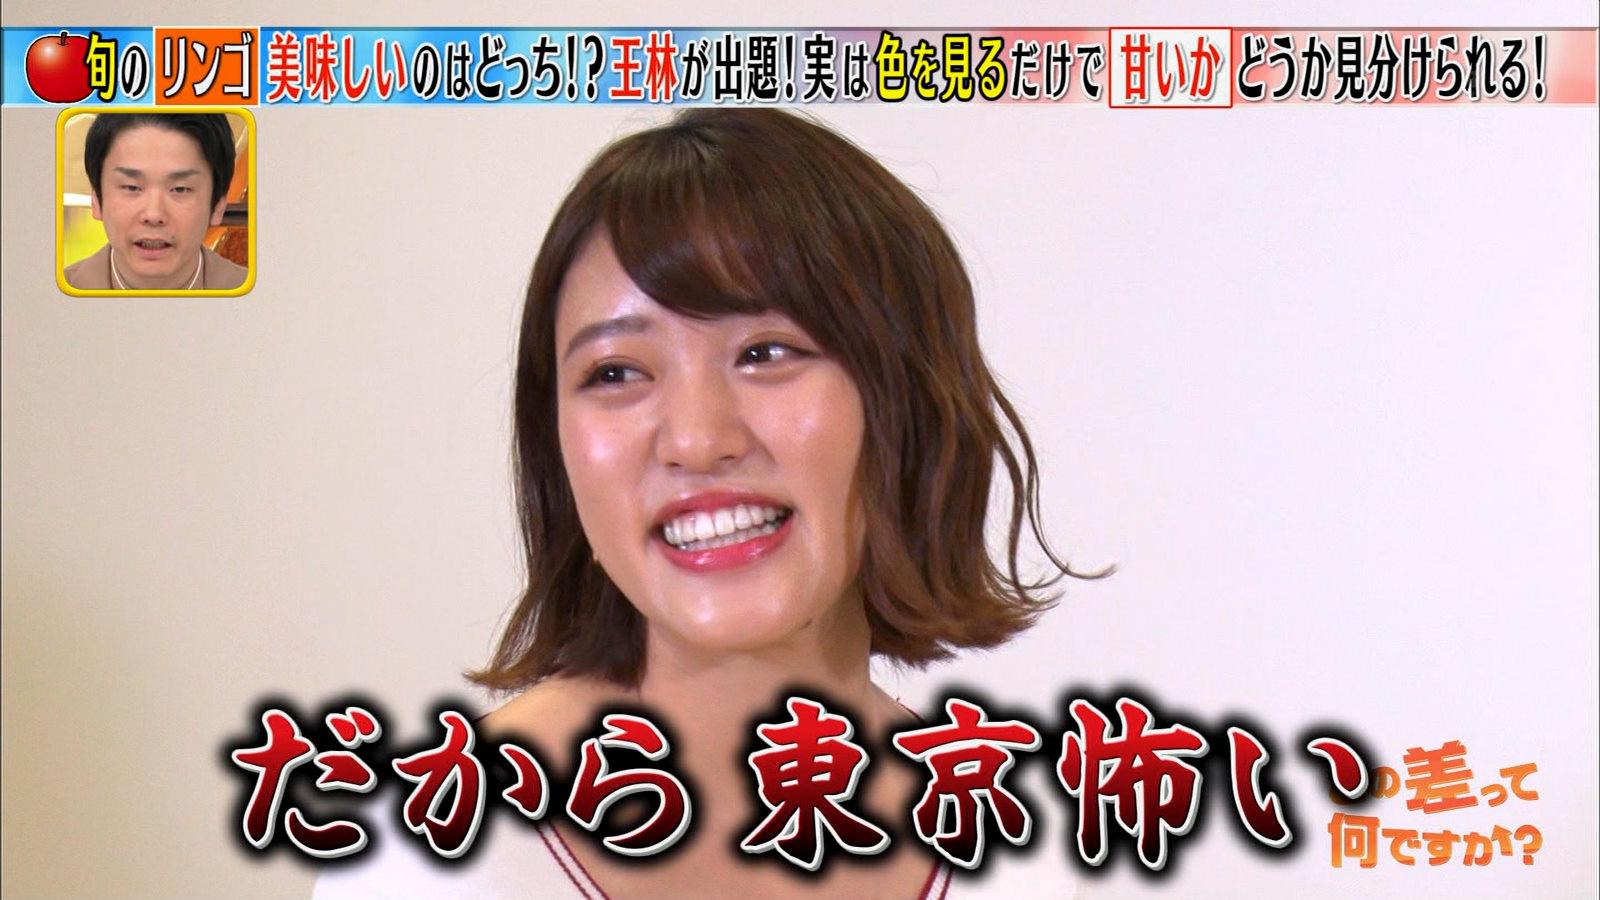 王林_おっぱい_横乳_テレビキャプ画像_12